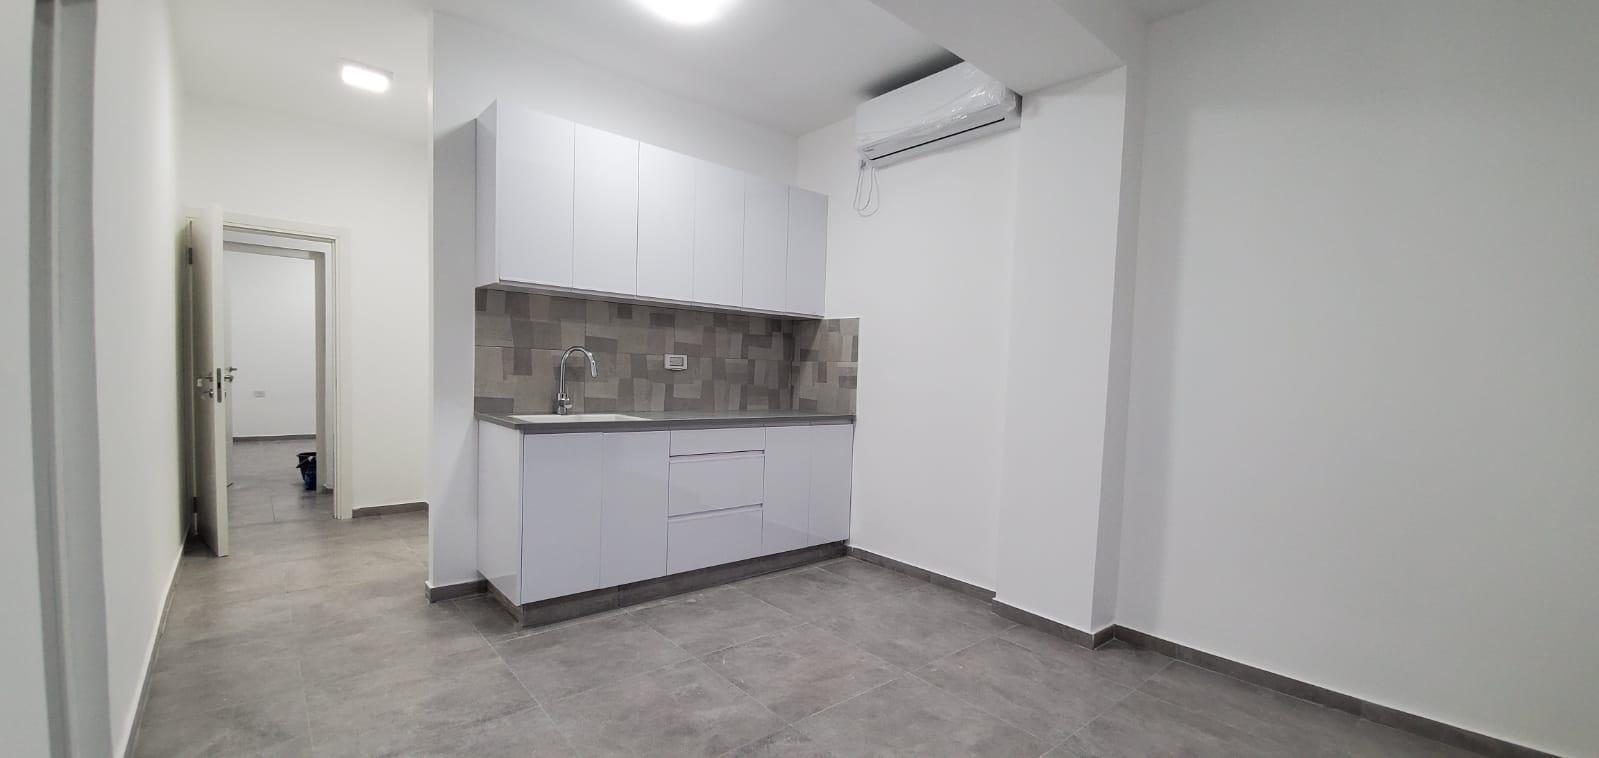 תל אביב דירת גן להשכרה 2 חדרים 3,500₪ בחודש, תל אביב